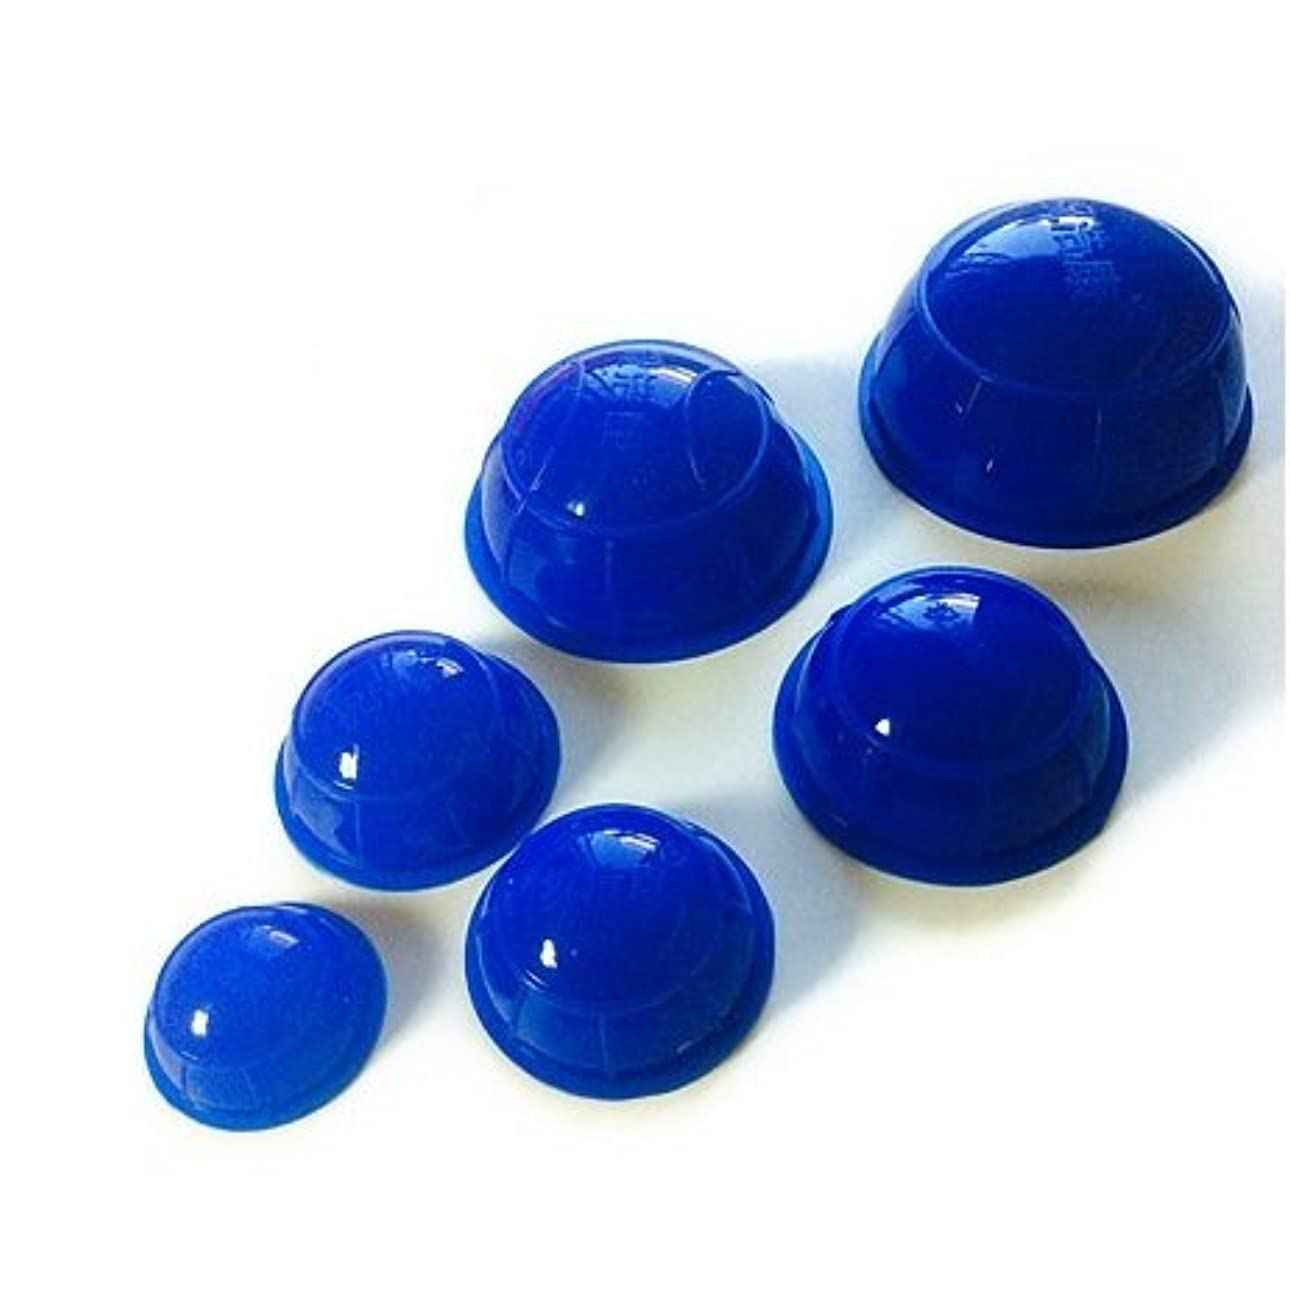 顔料バッテリーフクロウ簡易 吸い玉6個セット ブルー 大中小5種類の大きさ